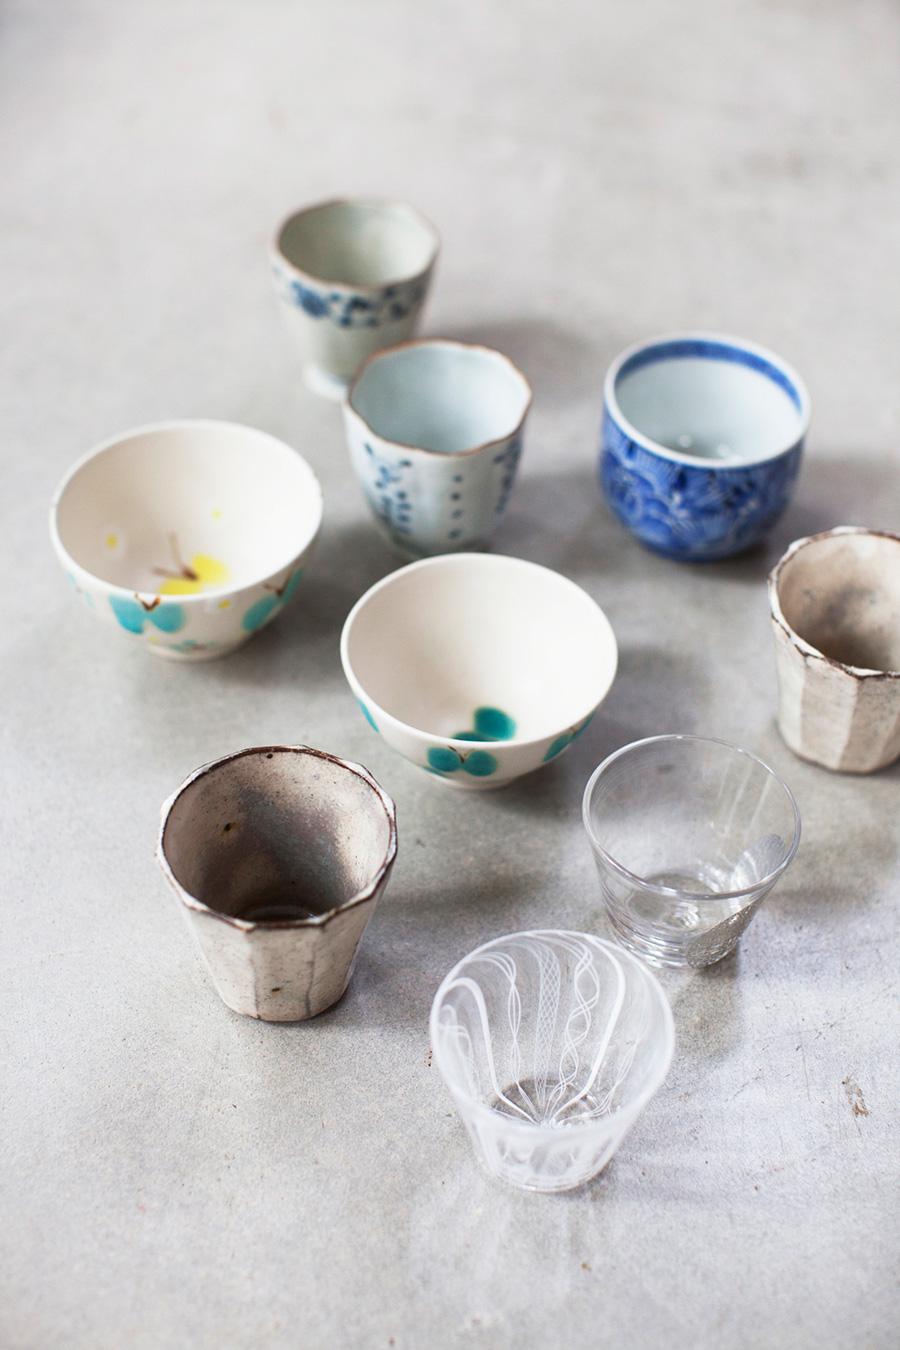 手前のガラスのコップ2点はアキノヨーコさん、粉引の湯のみは濱田正明さん、奥の絵付けの湯のみ2点は佐藤もも子さん。その右手は伊万里焼。ちょうちょの柄の湯のみは、華やかな柄で人気の石木文さん。